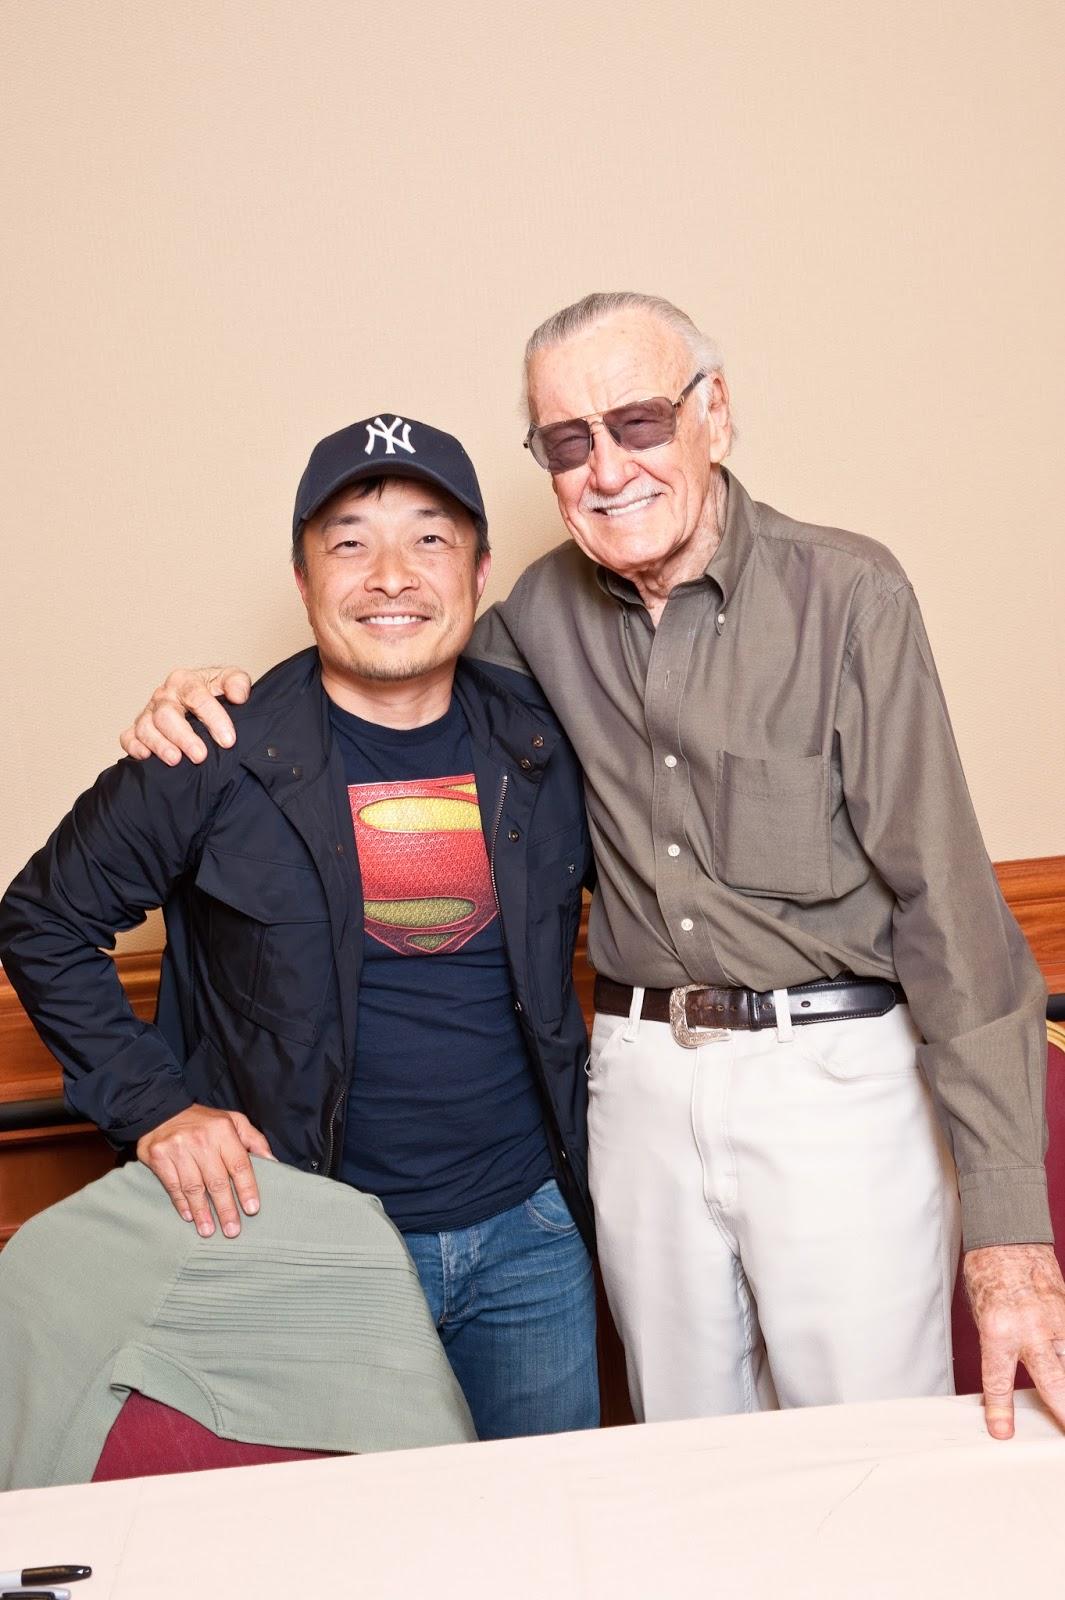 Stan Lee or Jim Lee